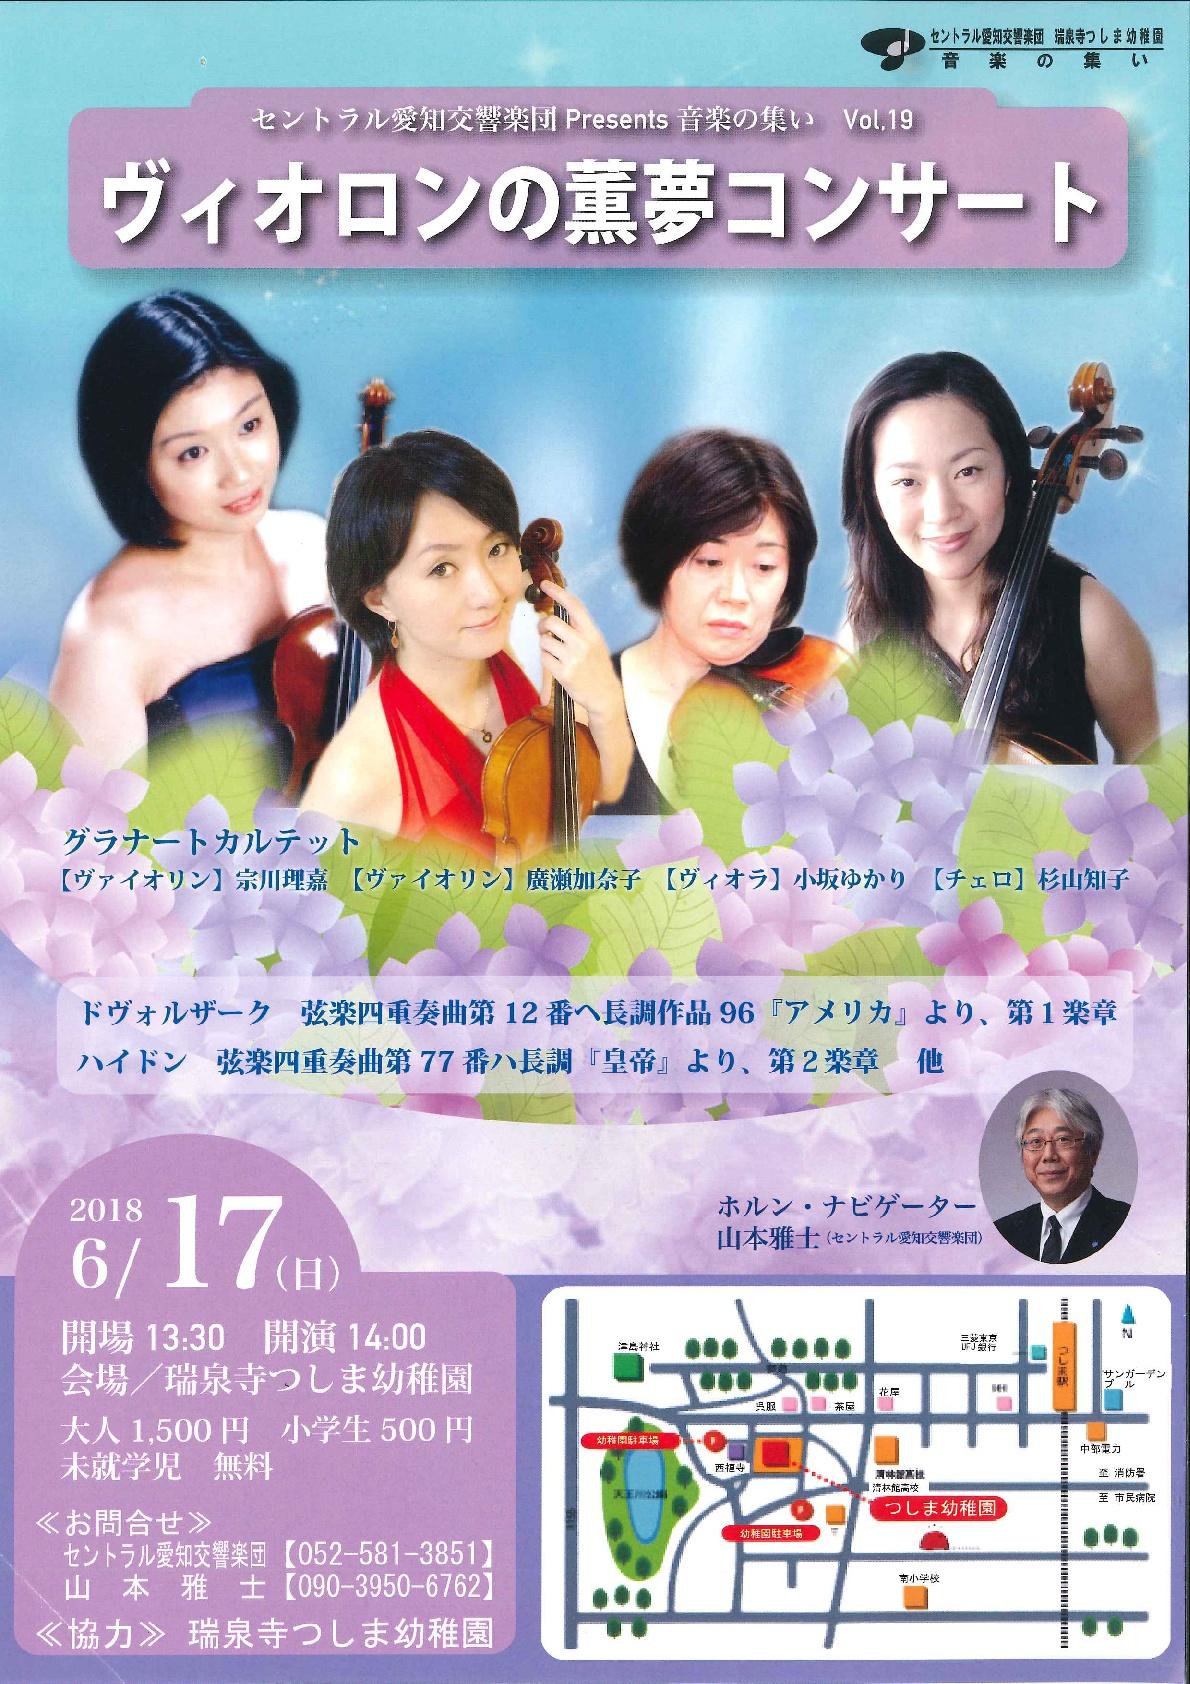 セントラル愛知交響楽団Presents 音楽の集いVol.19 ヴィオロンの薫夢コンサート